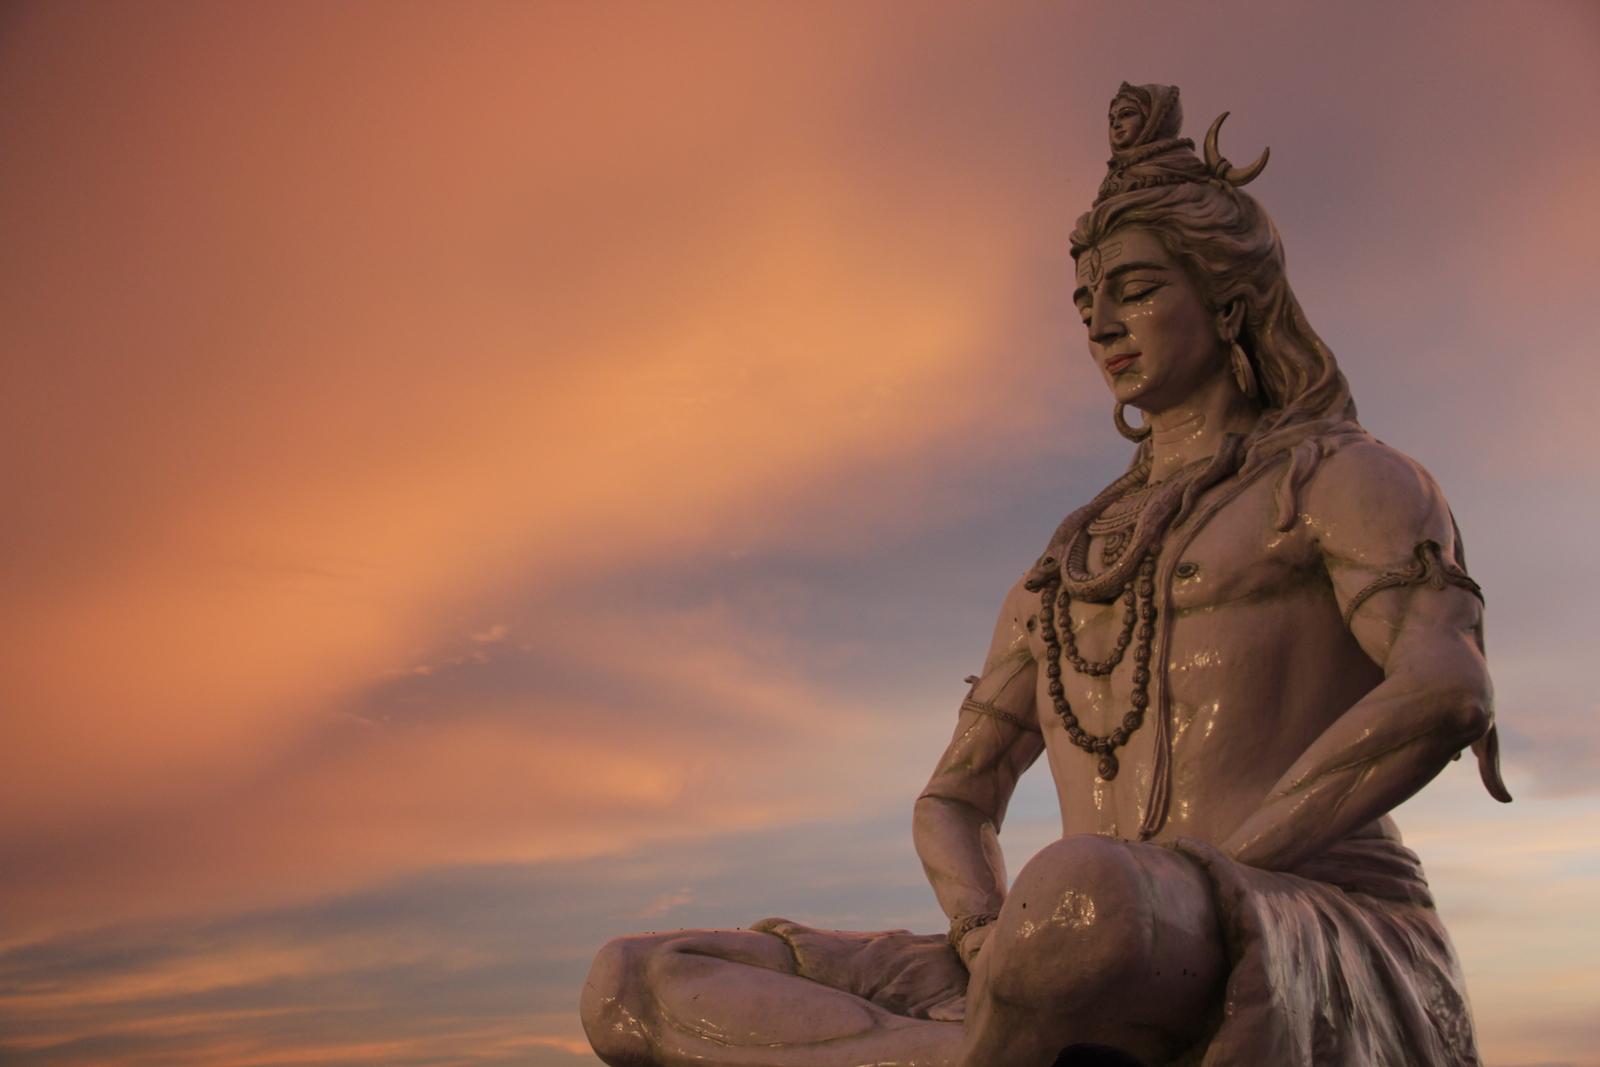 shivamahartri - Shiva Rishikesh